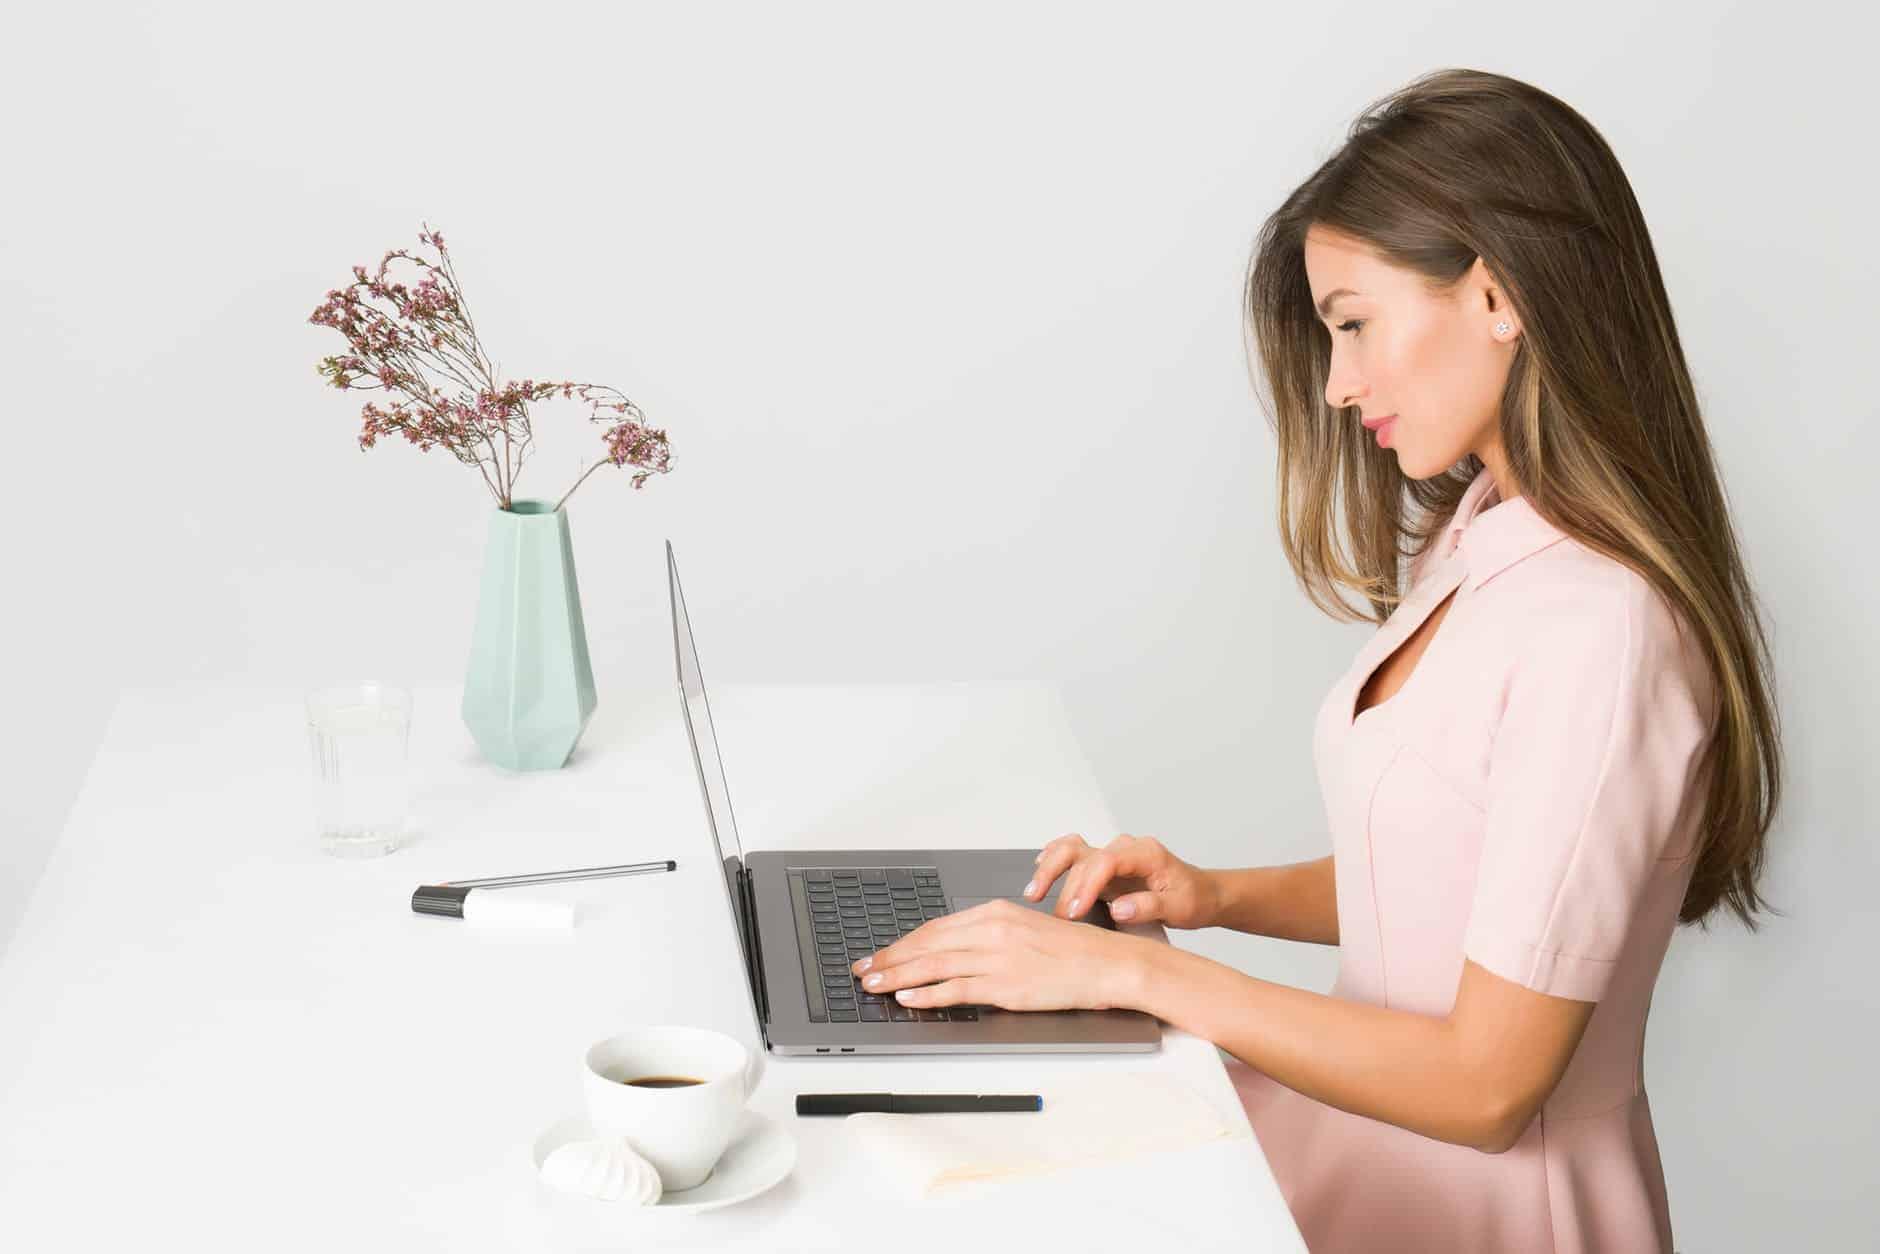 web designer high income skill